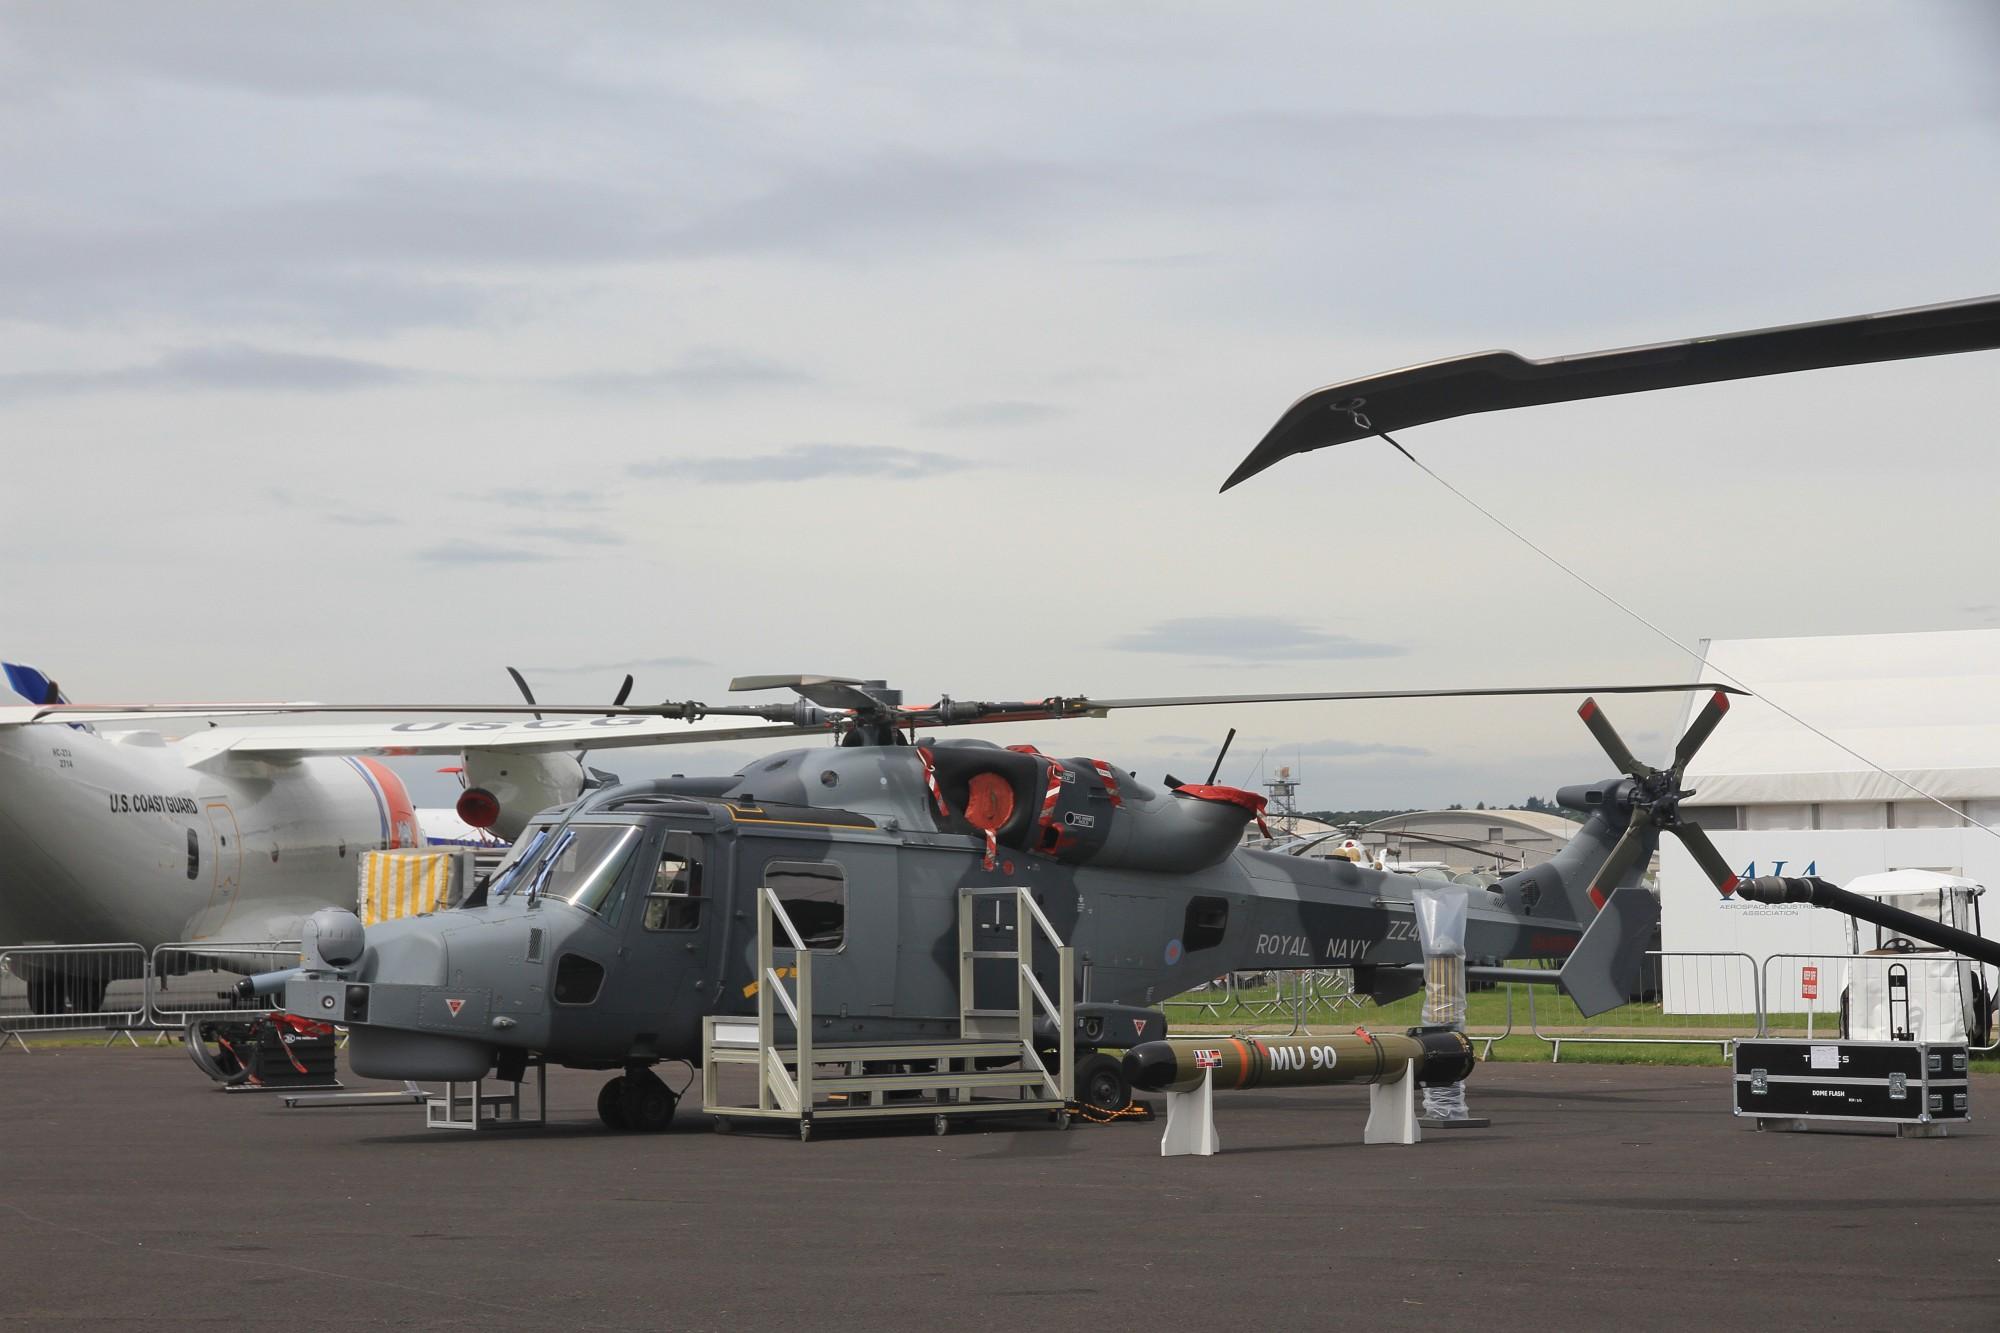 Новый корабельный многоцелевой противолодочный вертолет Leonardo-Finmeccanica Helicopter (ранее AgustaWestland) AW159 Lynx Wildcat (Wildcat HMA.2) авиации ВМС Великобритании. Фарнборо, 09.07.2016.